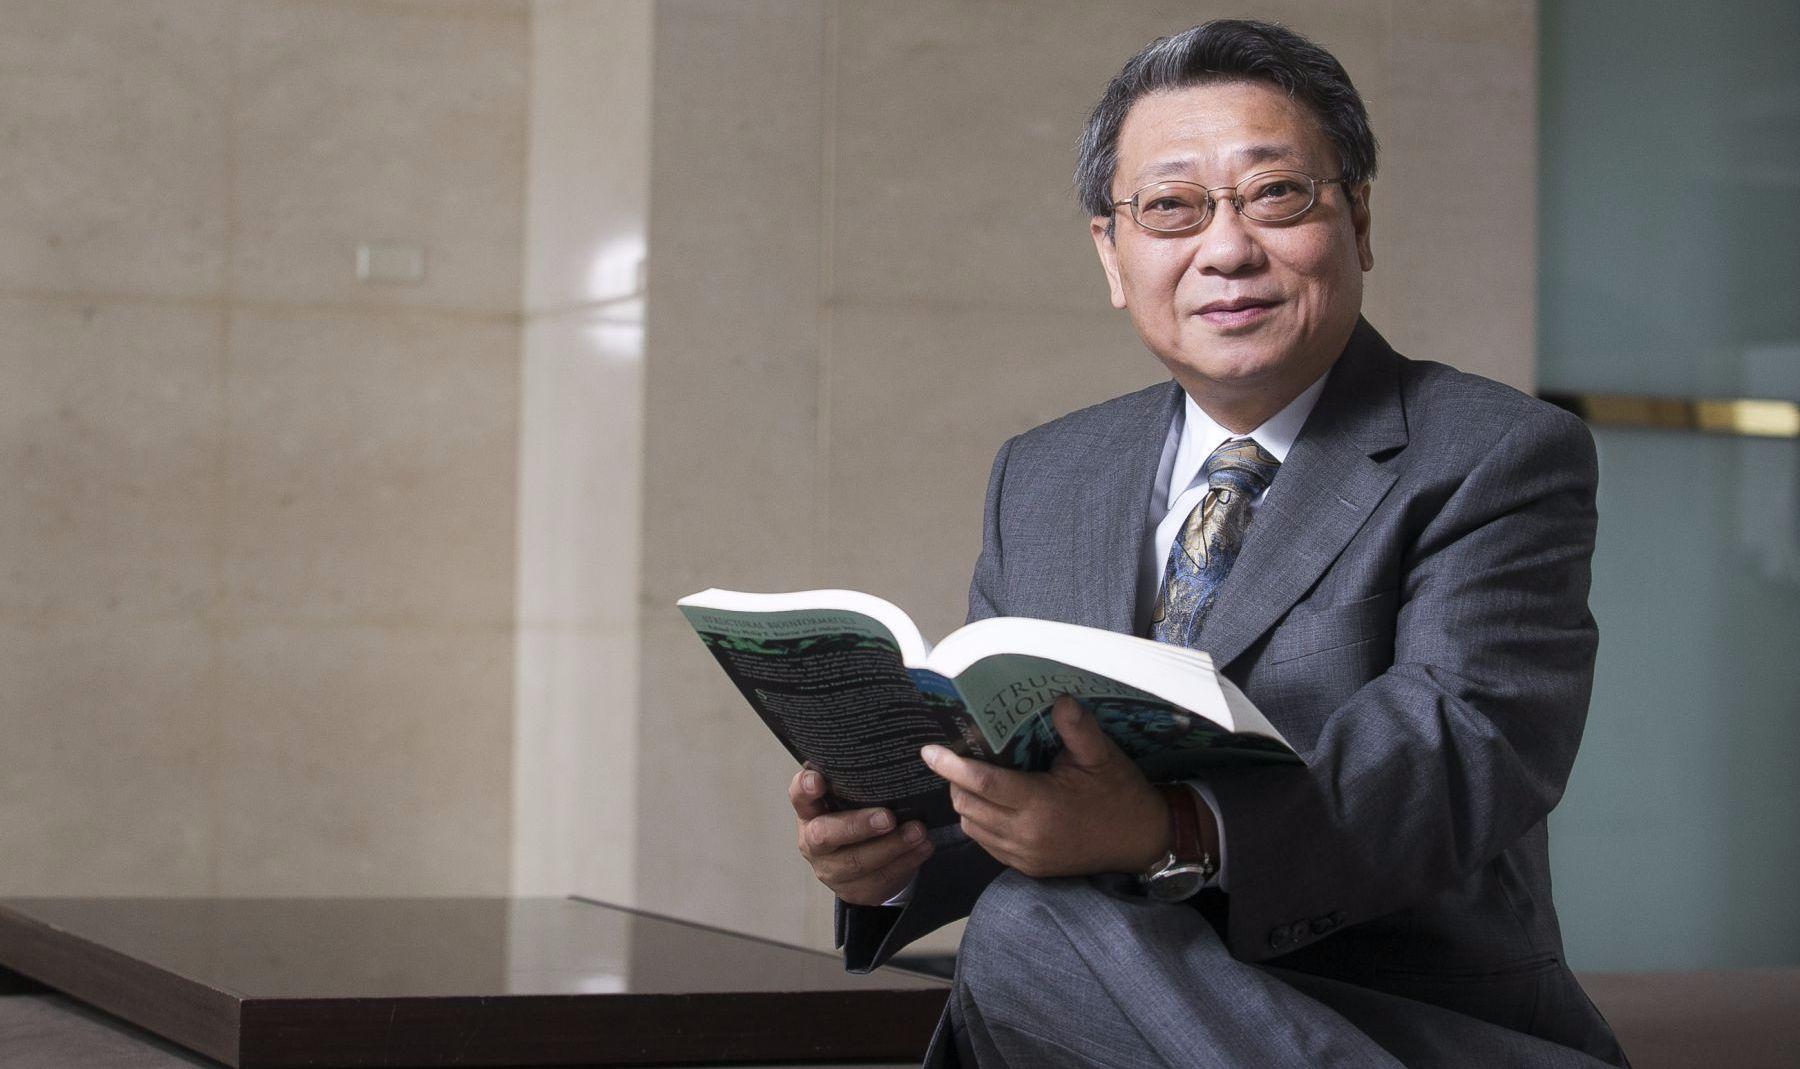 台灣的未來》時事評論家范疇:透過語言國力及包容力面對世界局勢